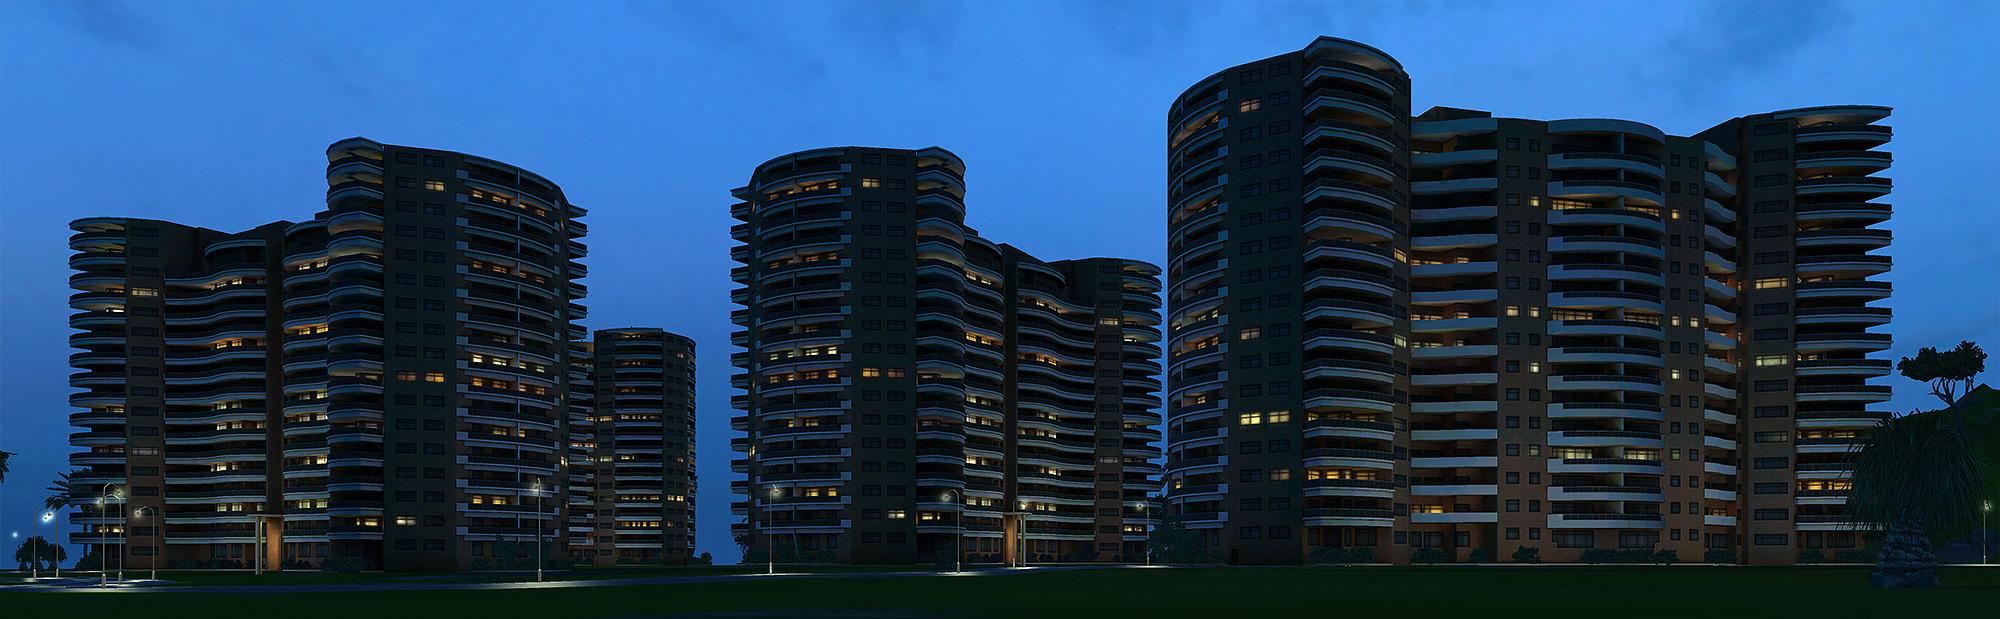 Residential01.jpg